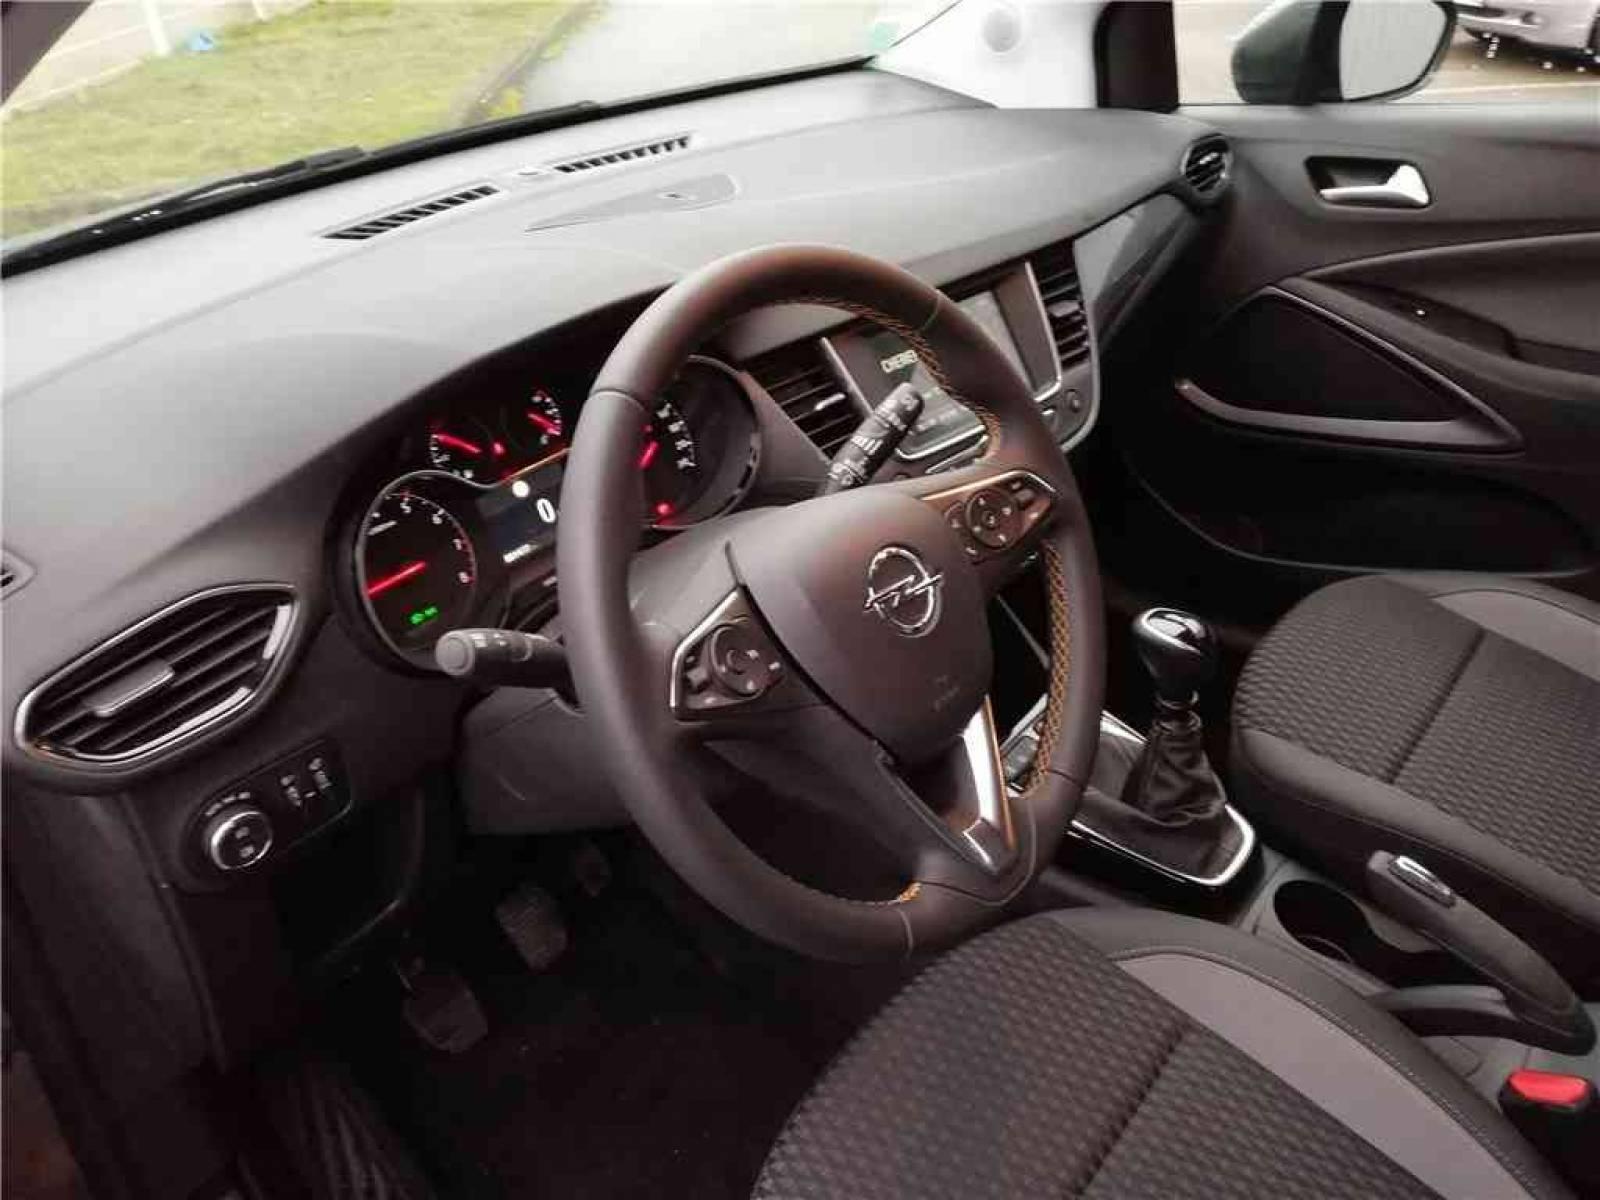 OPEL Crossland X 1.5 D 102 ch - véhicule d'occasion - Groupe Guillet - Opel Magicauto - Chalon-sur-Saône - 71380 - Saint-Marcel - 24